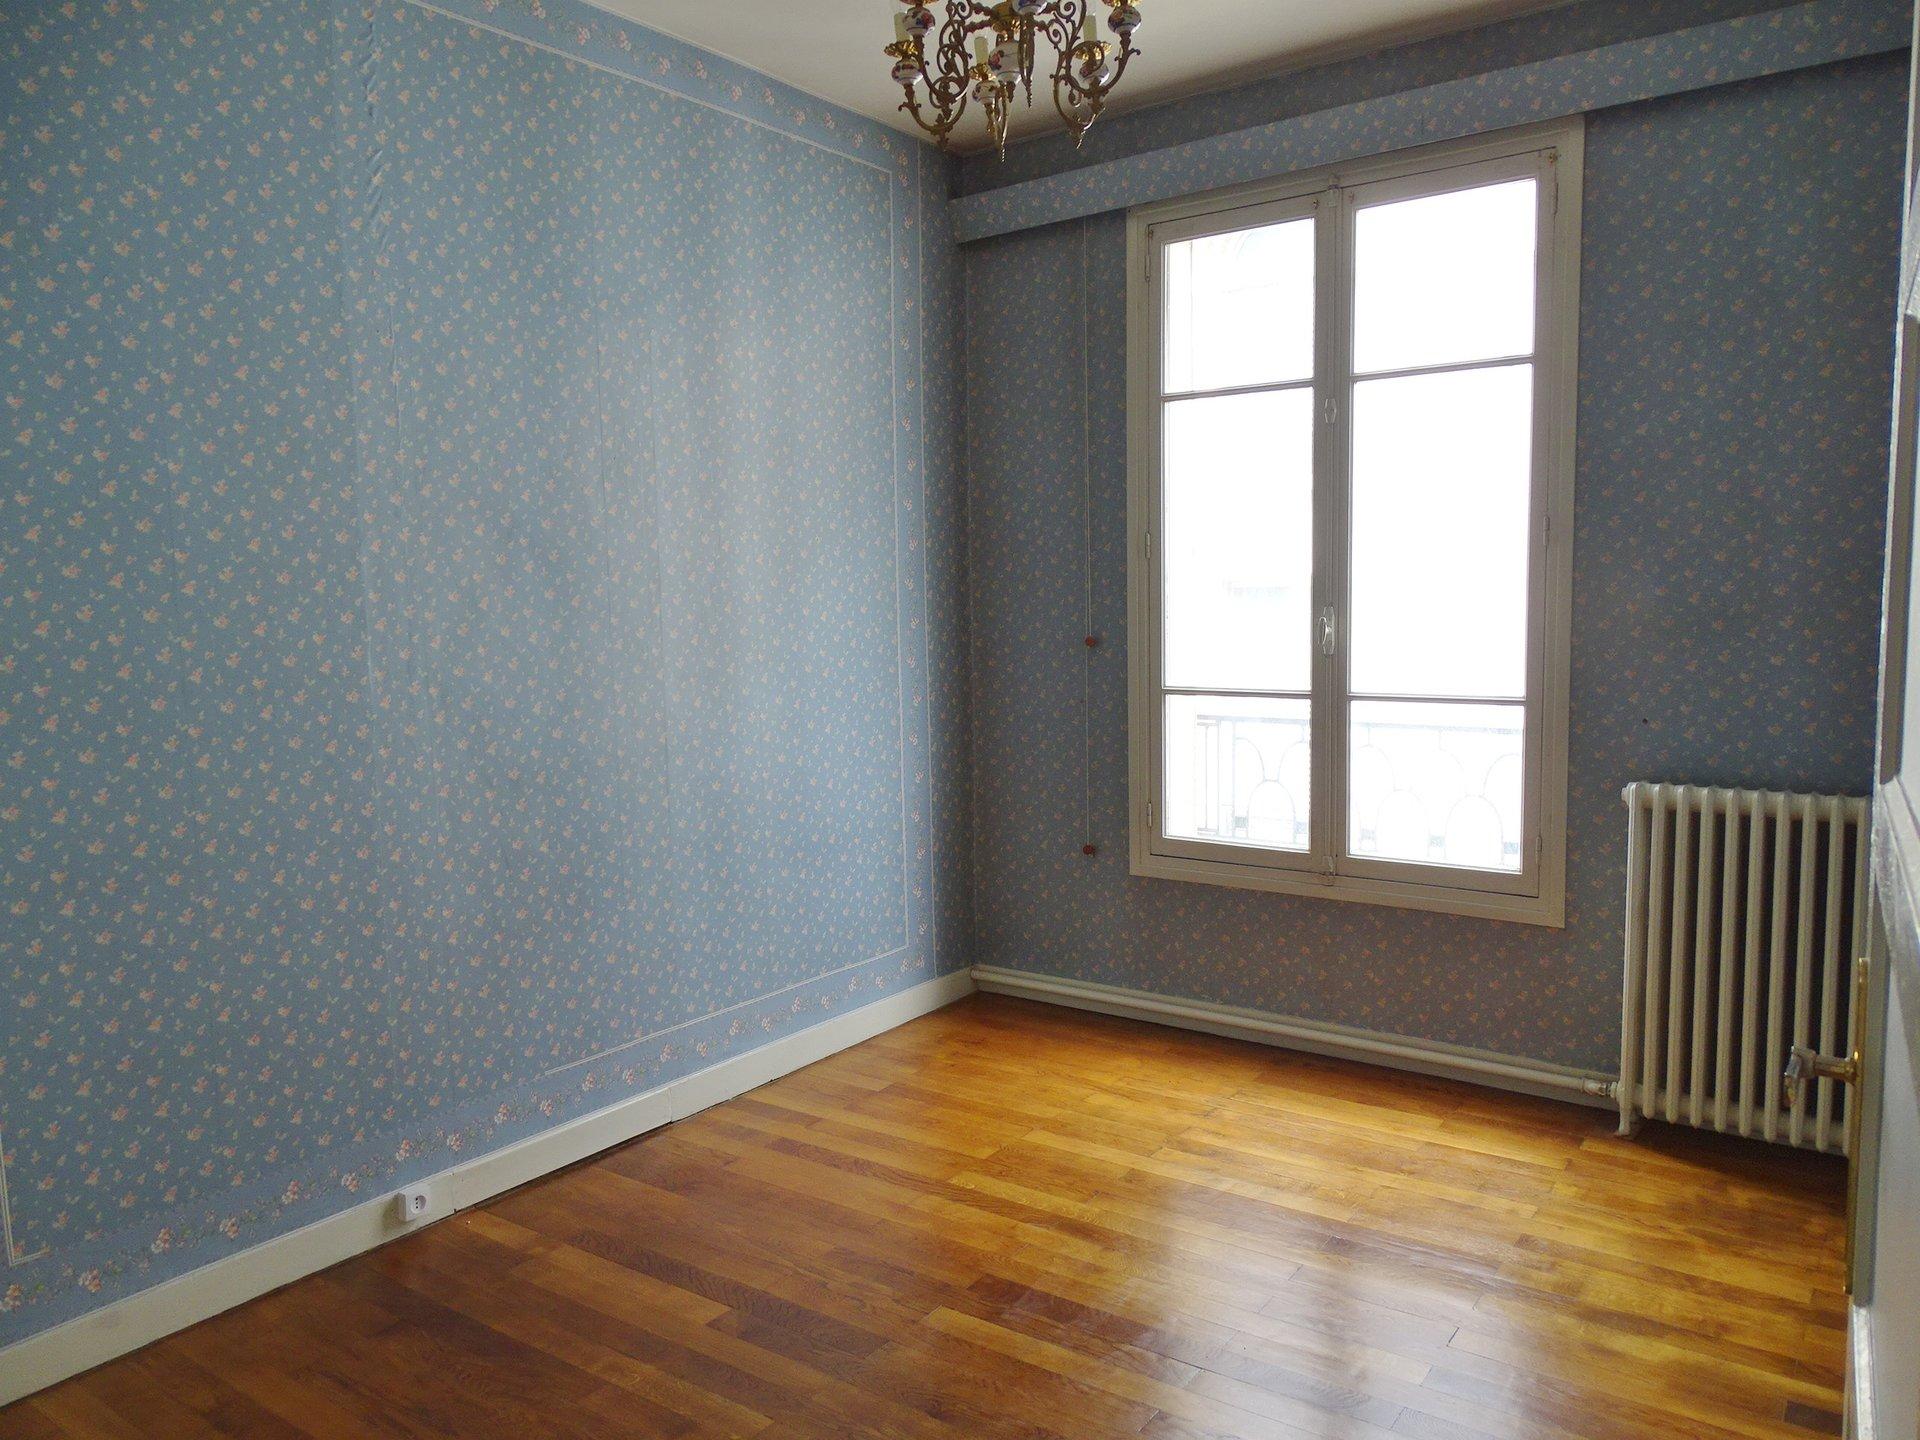 Dans un quartier agréable venez visiter cet appartement au réel potentiel. Il offre une salle à manger avec un beau parquet et un accès sur le balcon. Le salon est lui aussi bien exposé et jouit d'une agréable vue sur l'ancien télégraphe de Mâcon. Vous découvrirez ensuite une cuisine aménagée indépendante et un bureau permettant éventuellement d'agrandir le séjour. L'espace nuit offre 3 belles chambres de 12 à 15 m² ainsi que la salle de bains et un débarras (potentiellement une salle de douche). Double vitrage PVC, chauffage au gaz individuel. Vendu avec une cave et 2 greniers. Cet appartement attend d'être remis au goût du jour et peut être vendu avec un garage. Bien soumis au régime de la copropriété comprenant 7 lots. Charges mensuelles de 21,10 euros. Honoraires à la charge du vendeur.